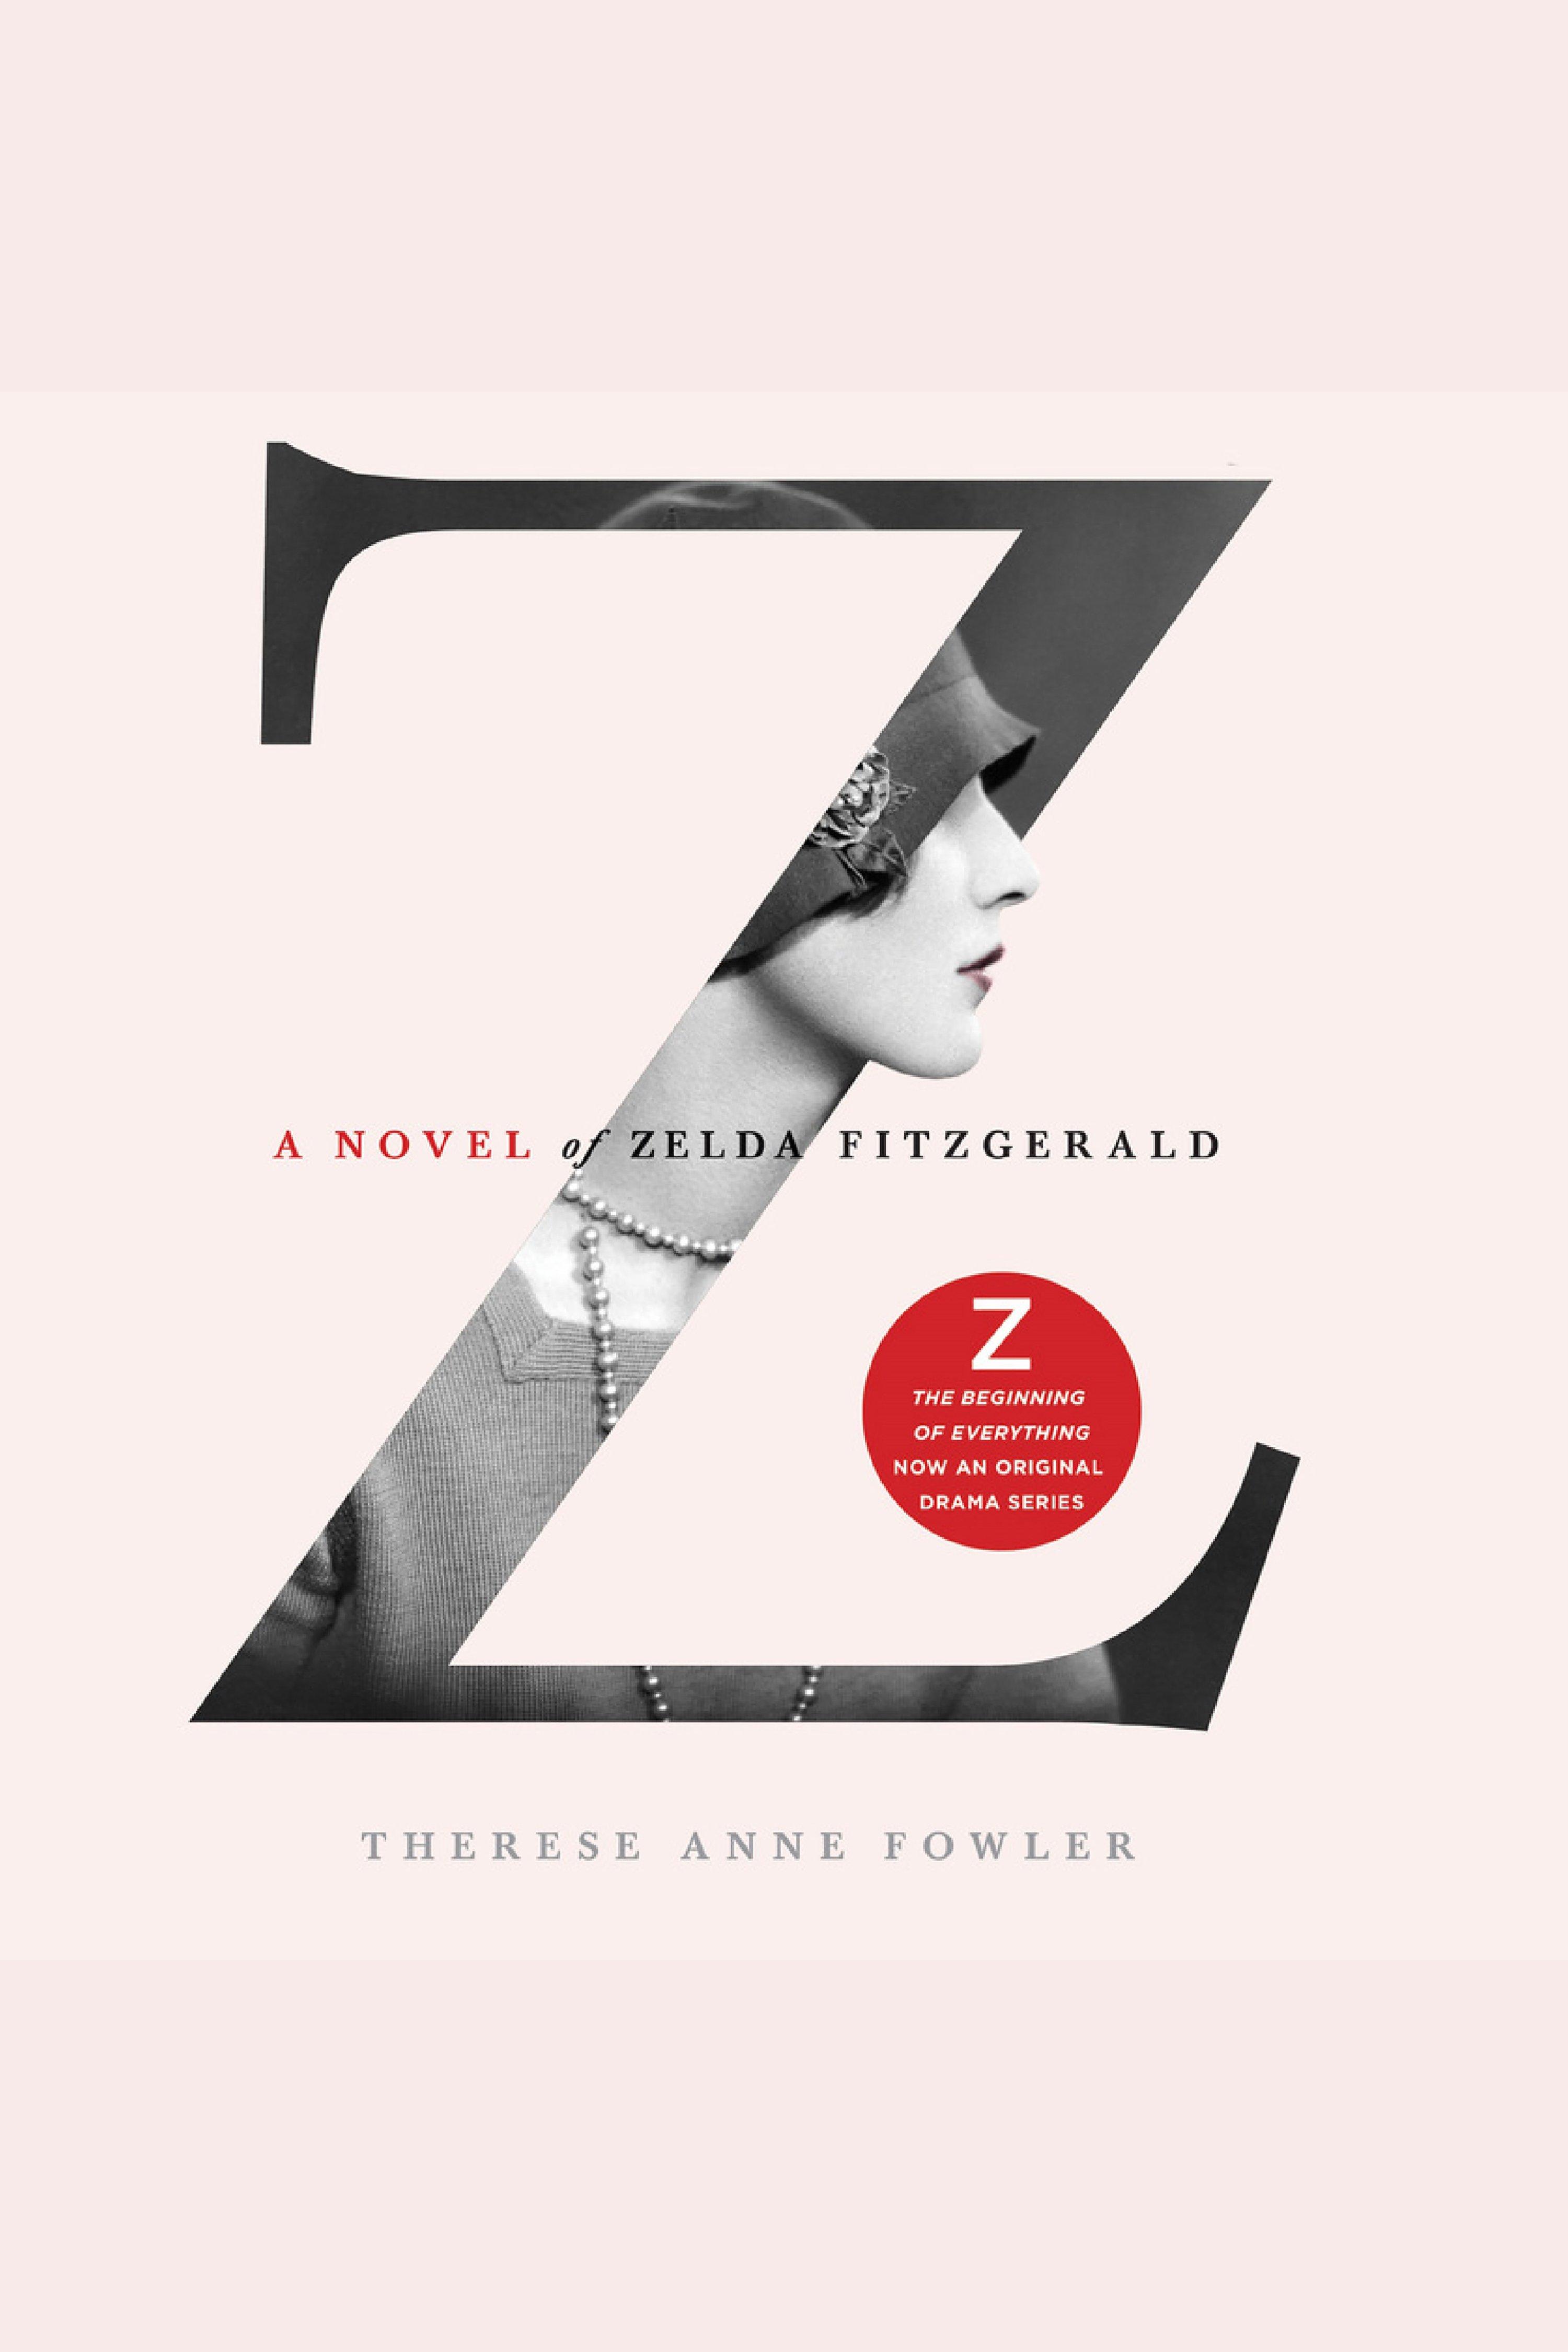 Z a novel of Zelda Fitzgerald cover image